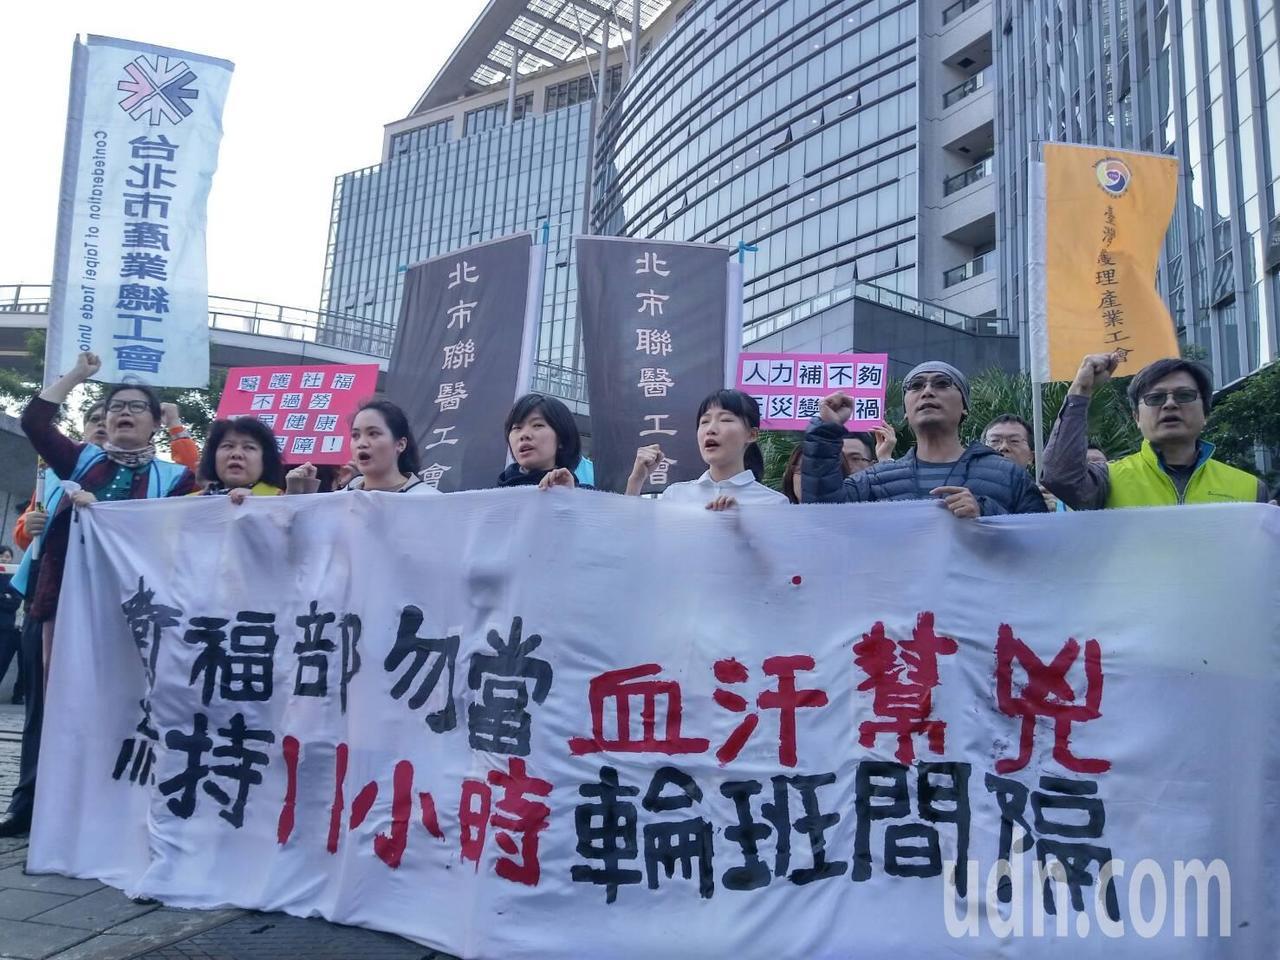 勞資權力不對等,籌組工會則有望為基本的勞動權益把關。記者羅真/攝影